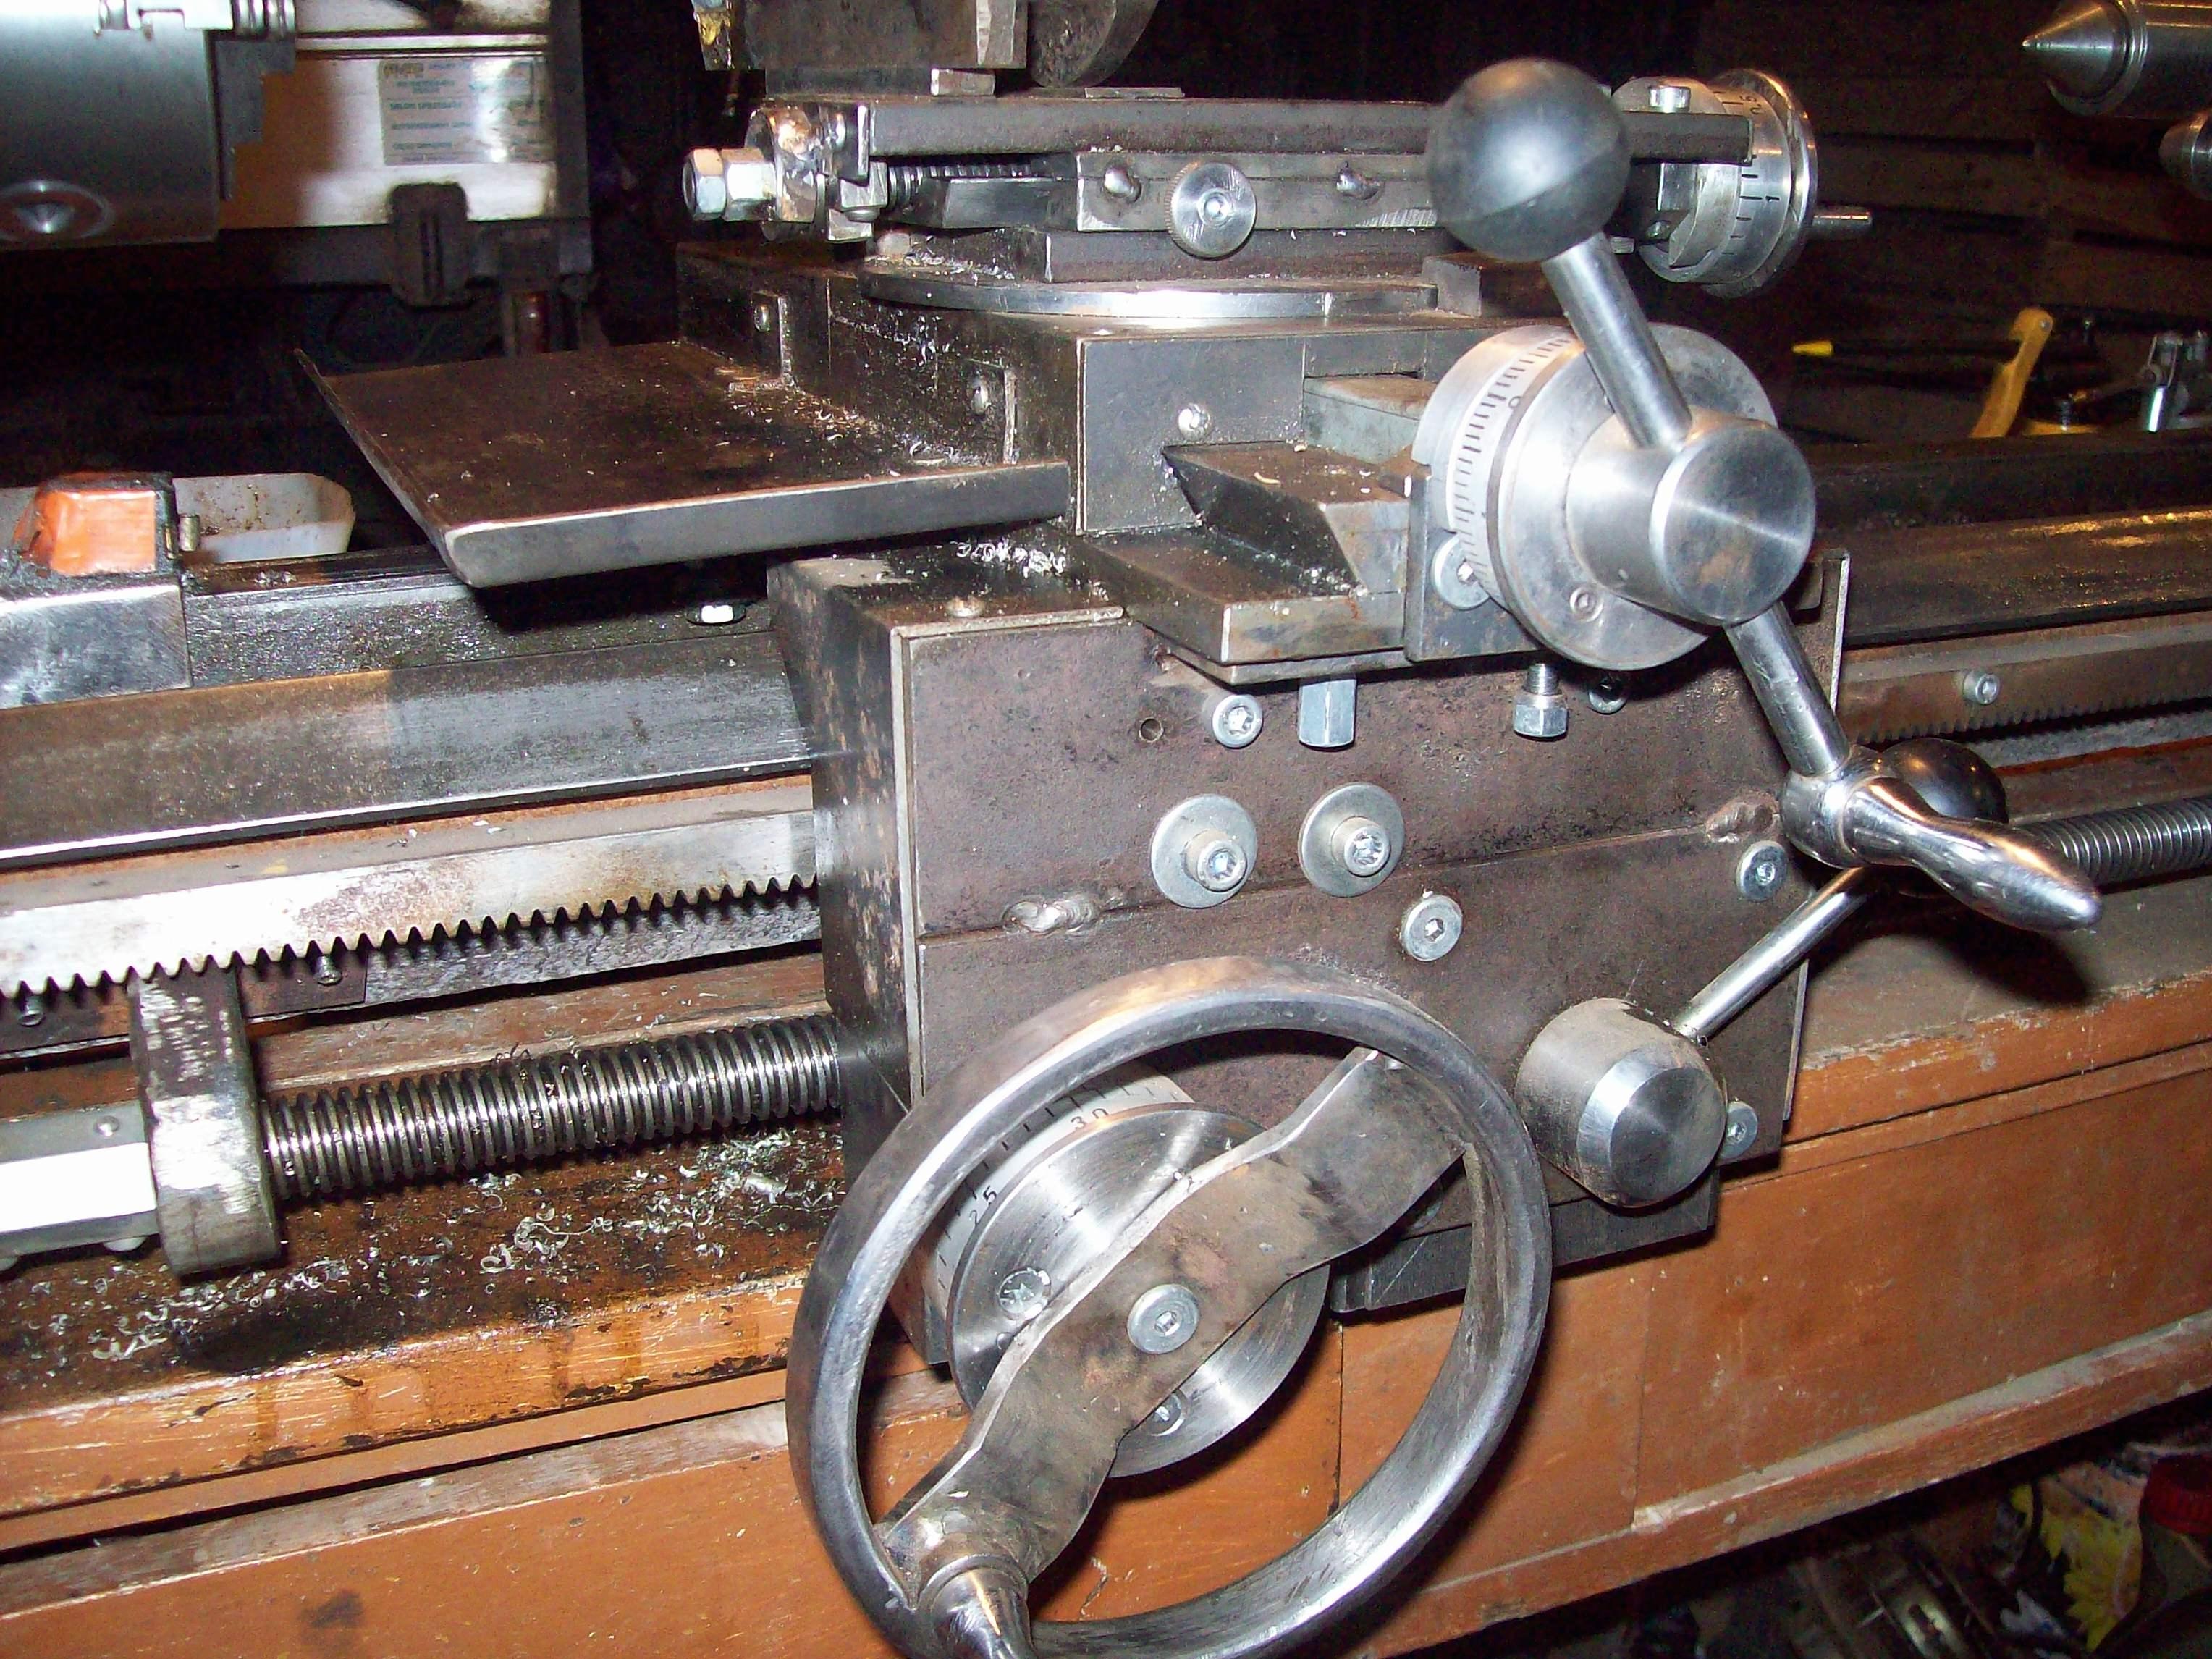 Zaktualizowano Tokarka stołowa do metalu DIY - elektroda.pl PO48